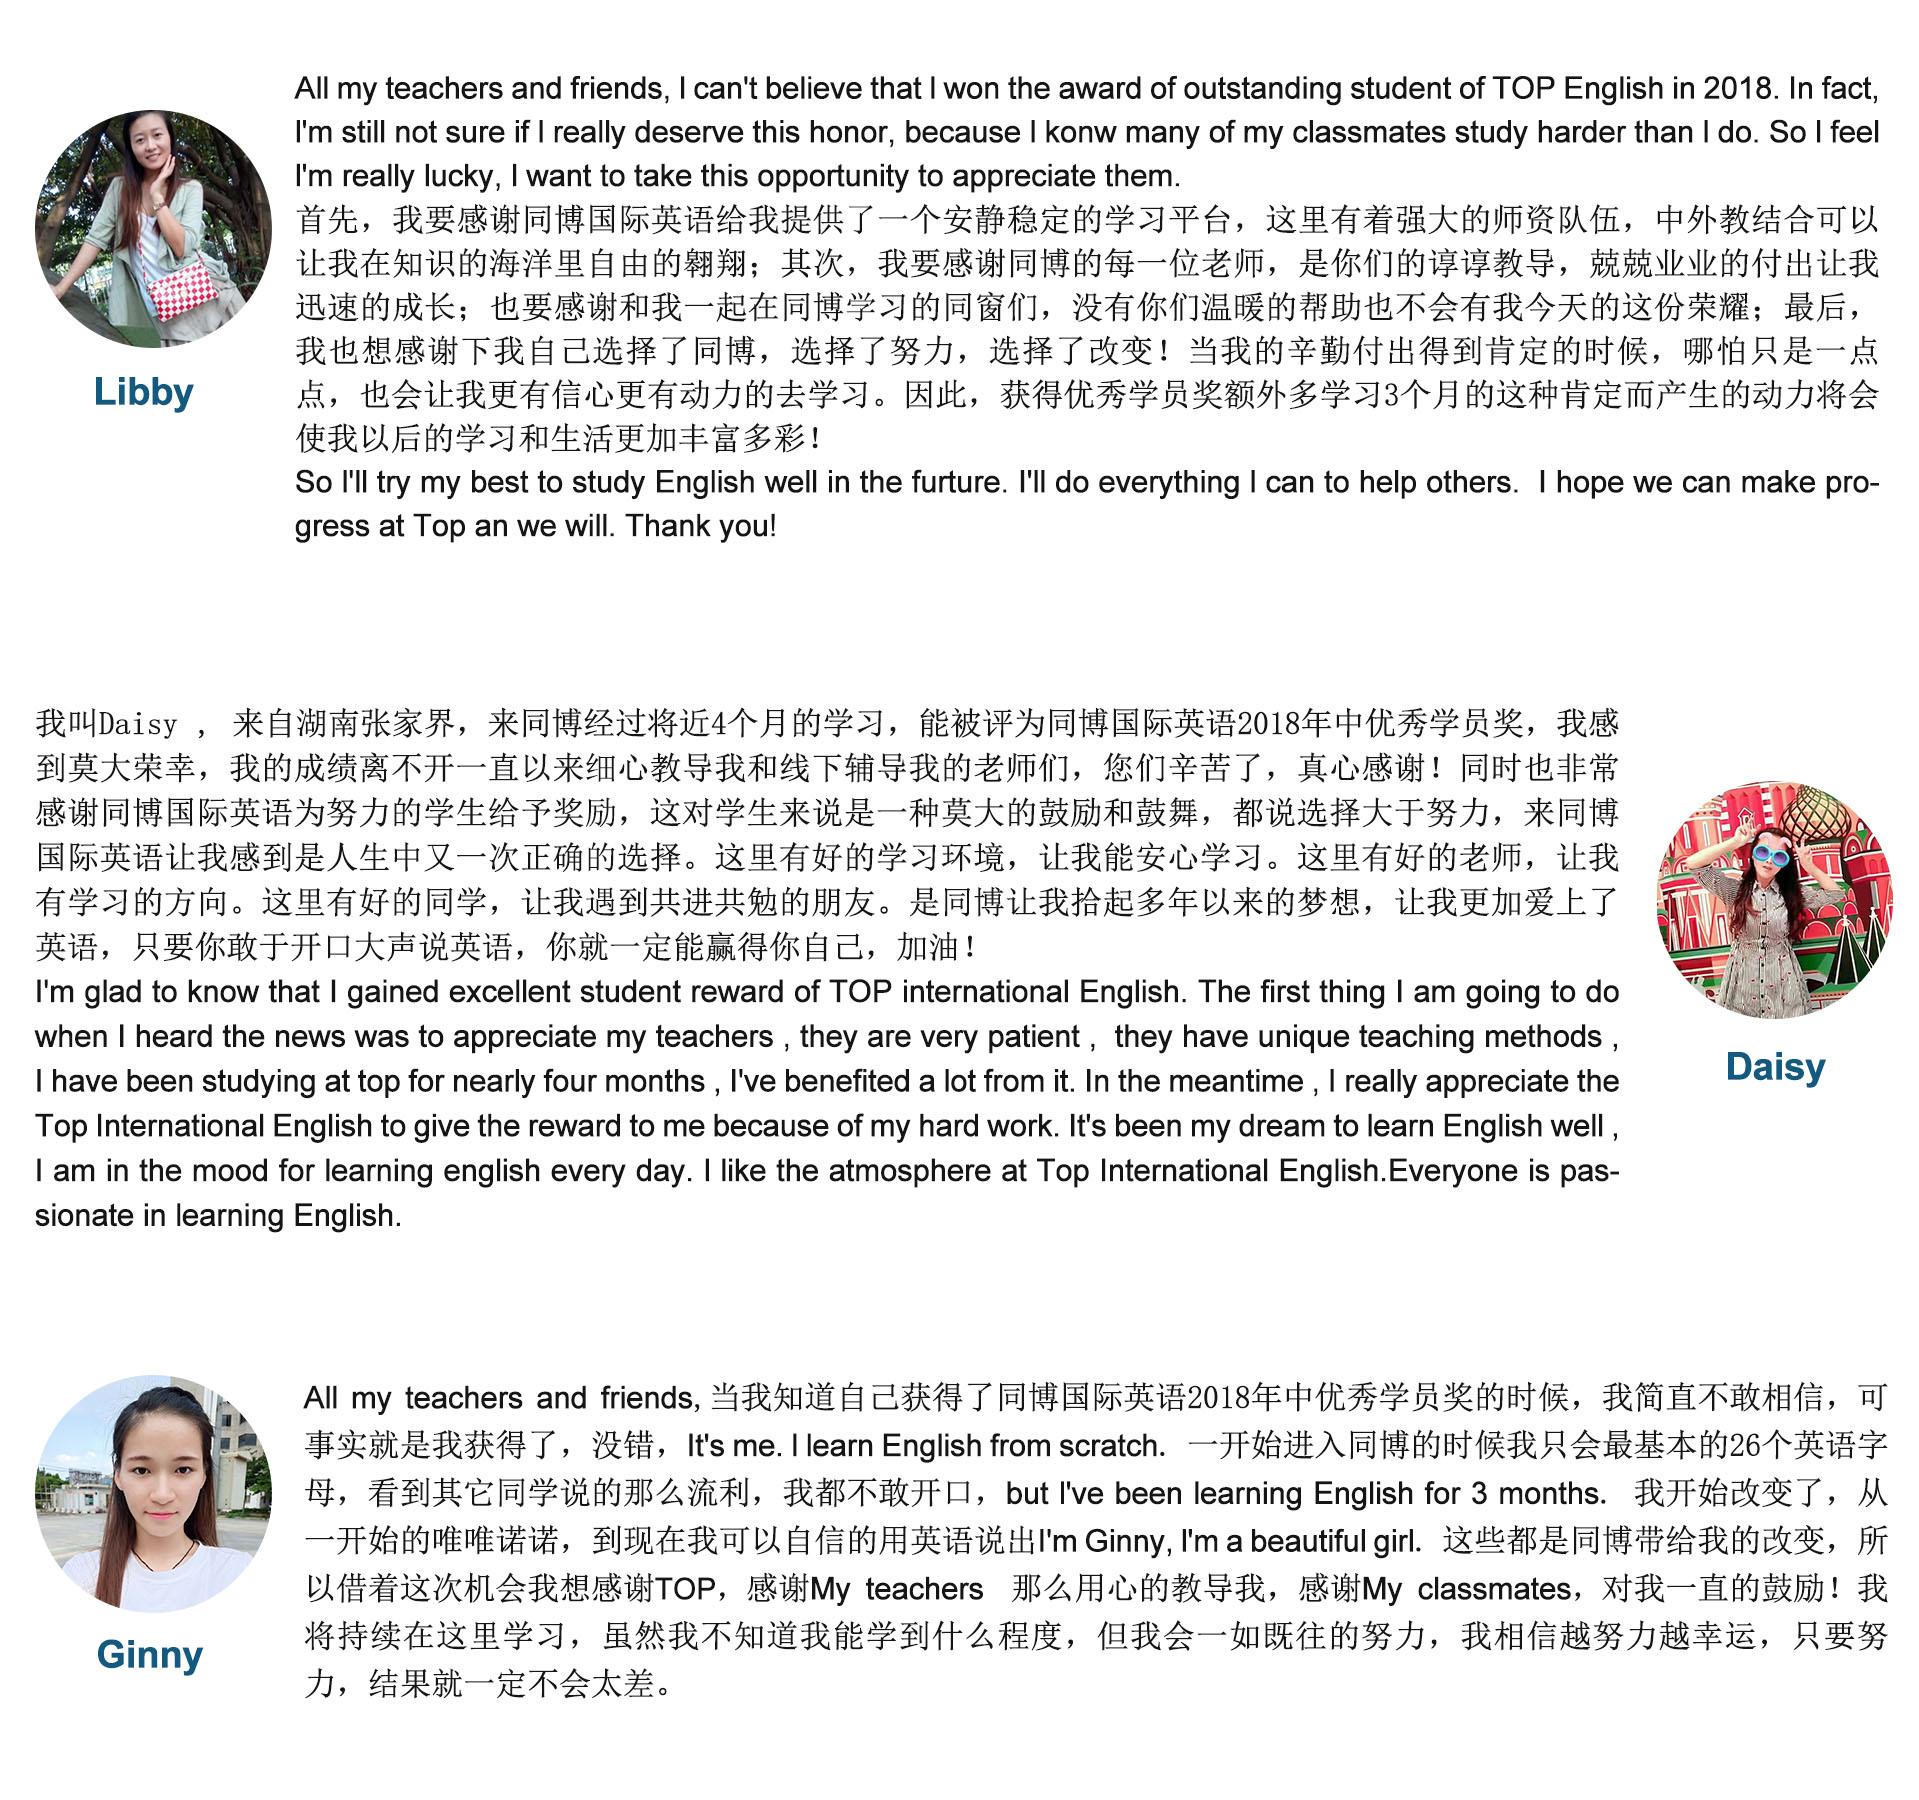 深圳同博国际英语2018年中优秀学员感言